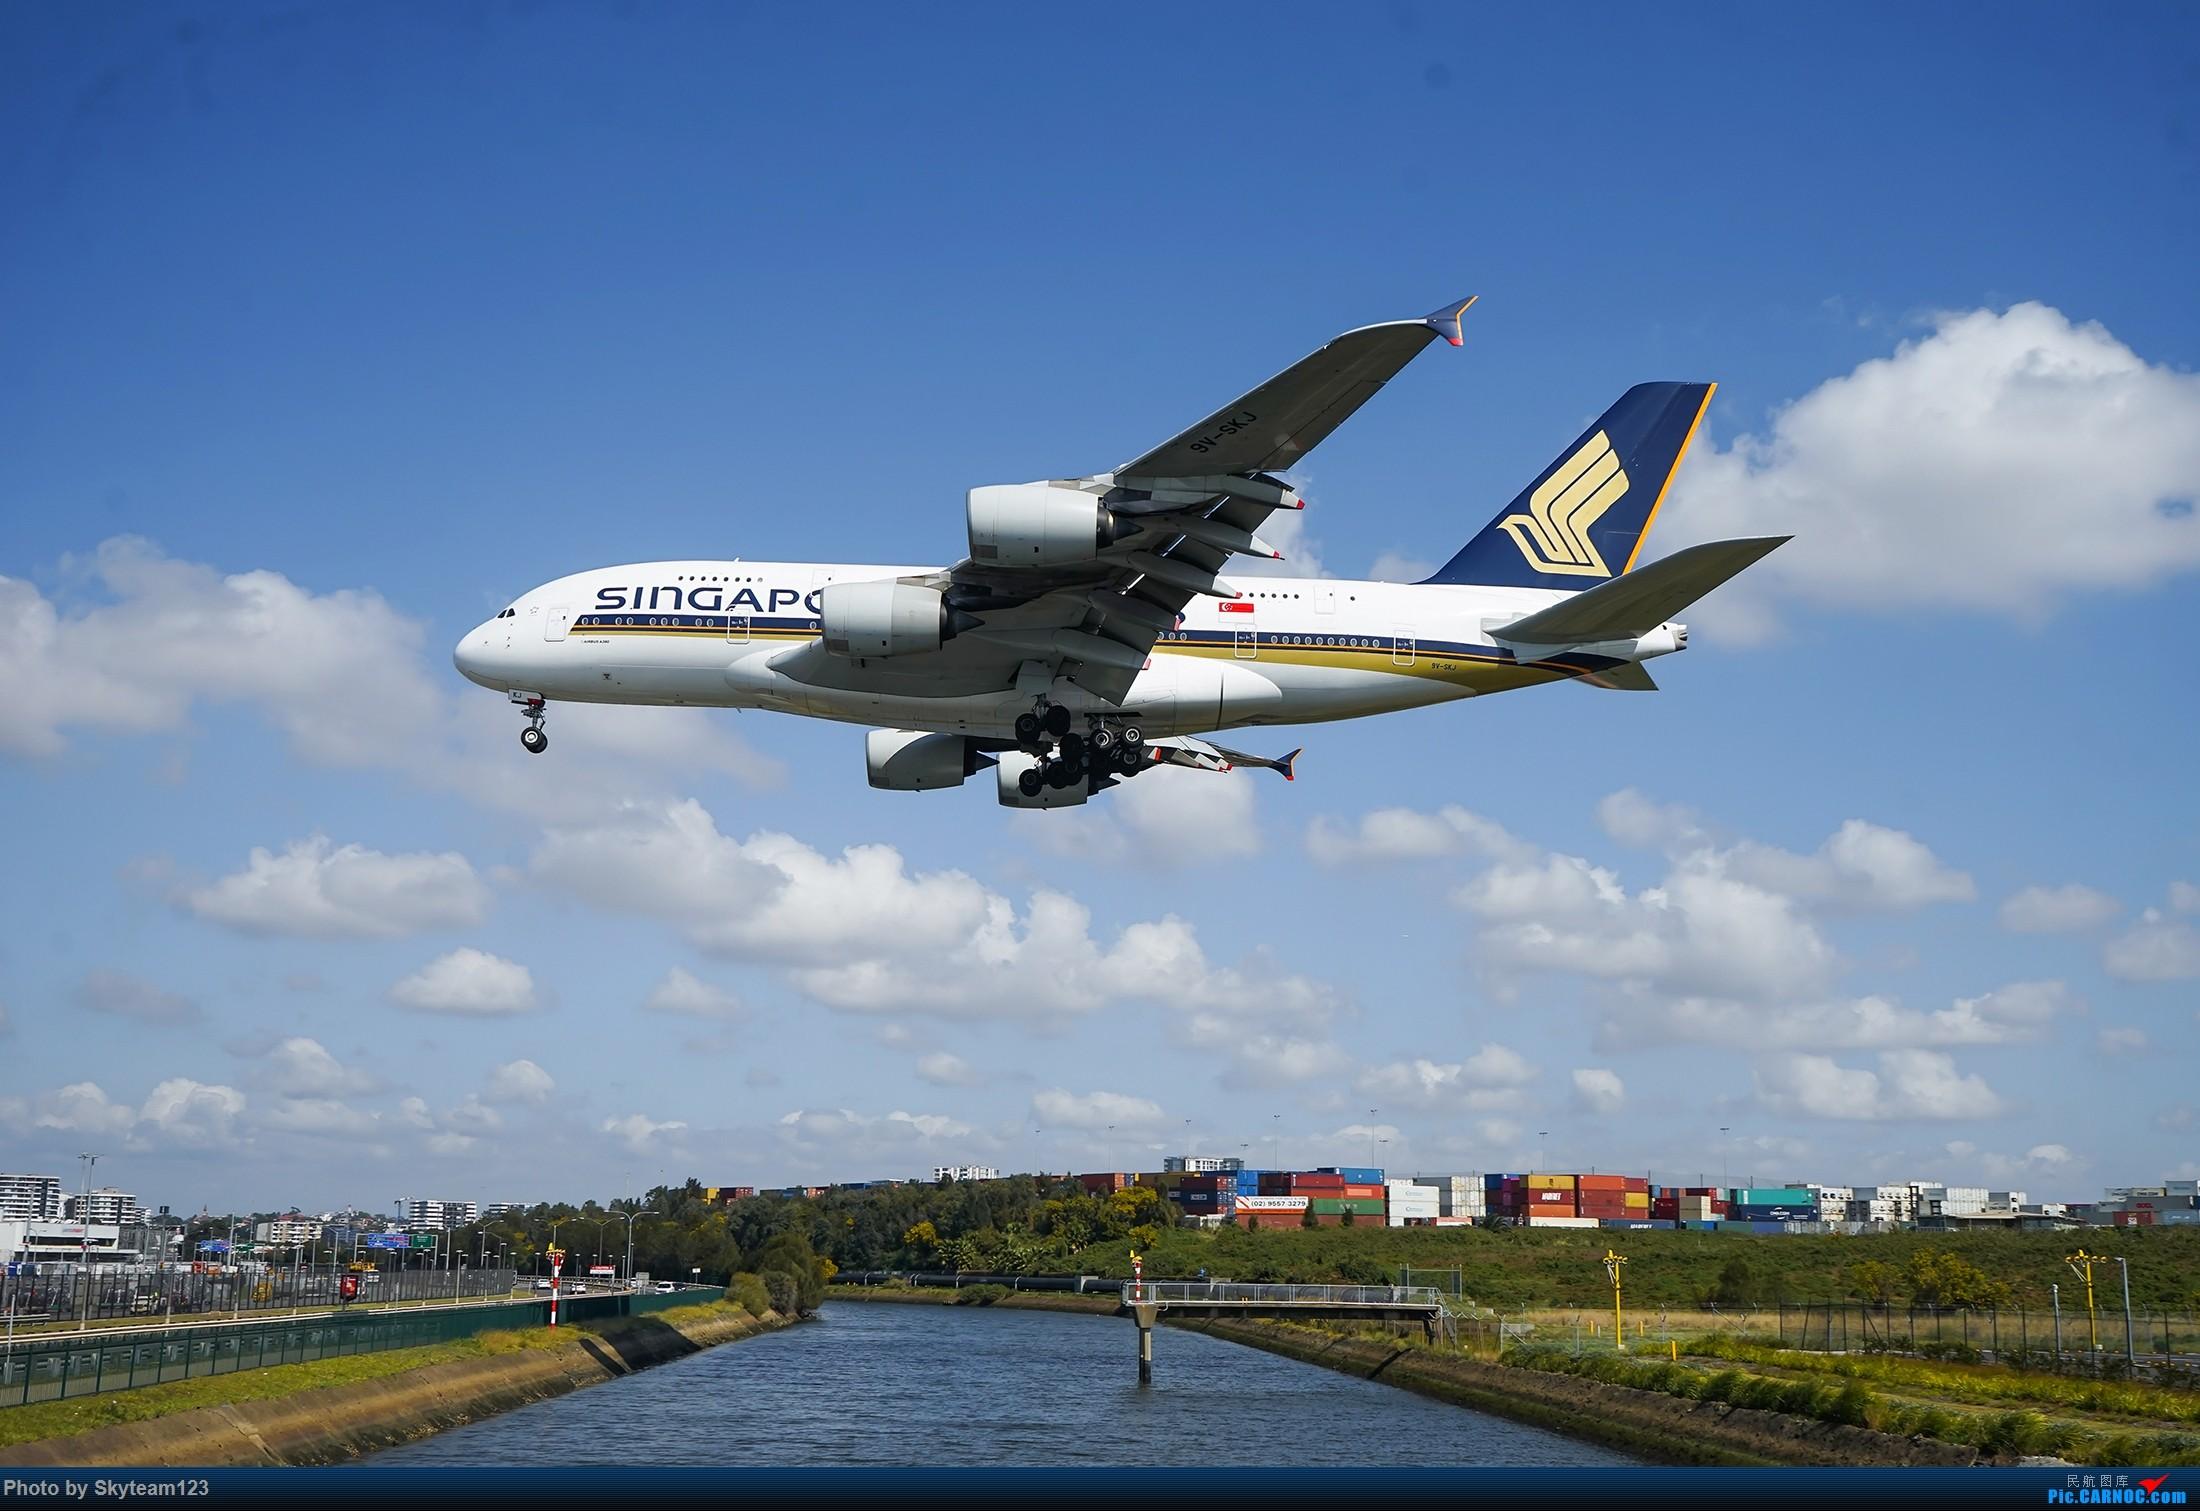 Re:[原创][SYD] 假期拍机小结 解锁16R跑道头拍机位 & 停车楼拍机作业 【全宽体】 AIRBUS A380-800 9V-SKJ 澳大利亚悉尼金斯福德·史密斯机场